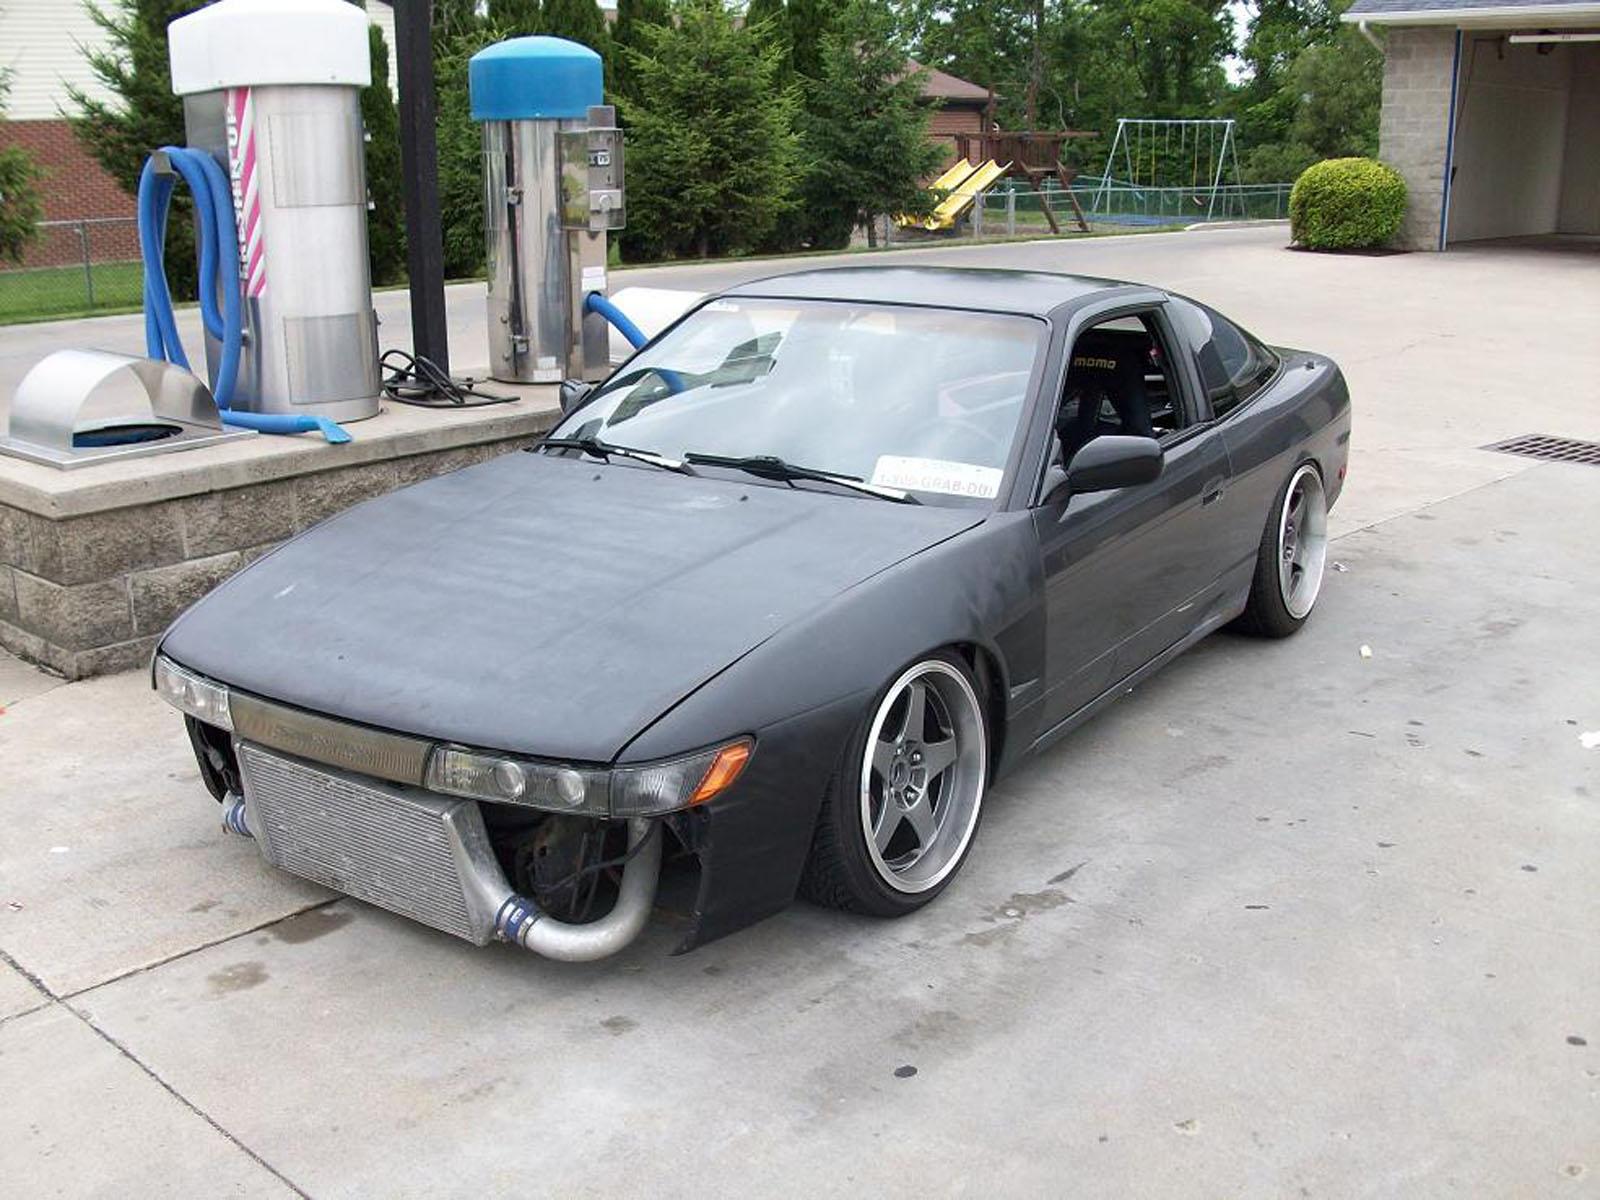 240 Sx Nissan >> 1990 NISSAN 240SX - Image #11